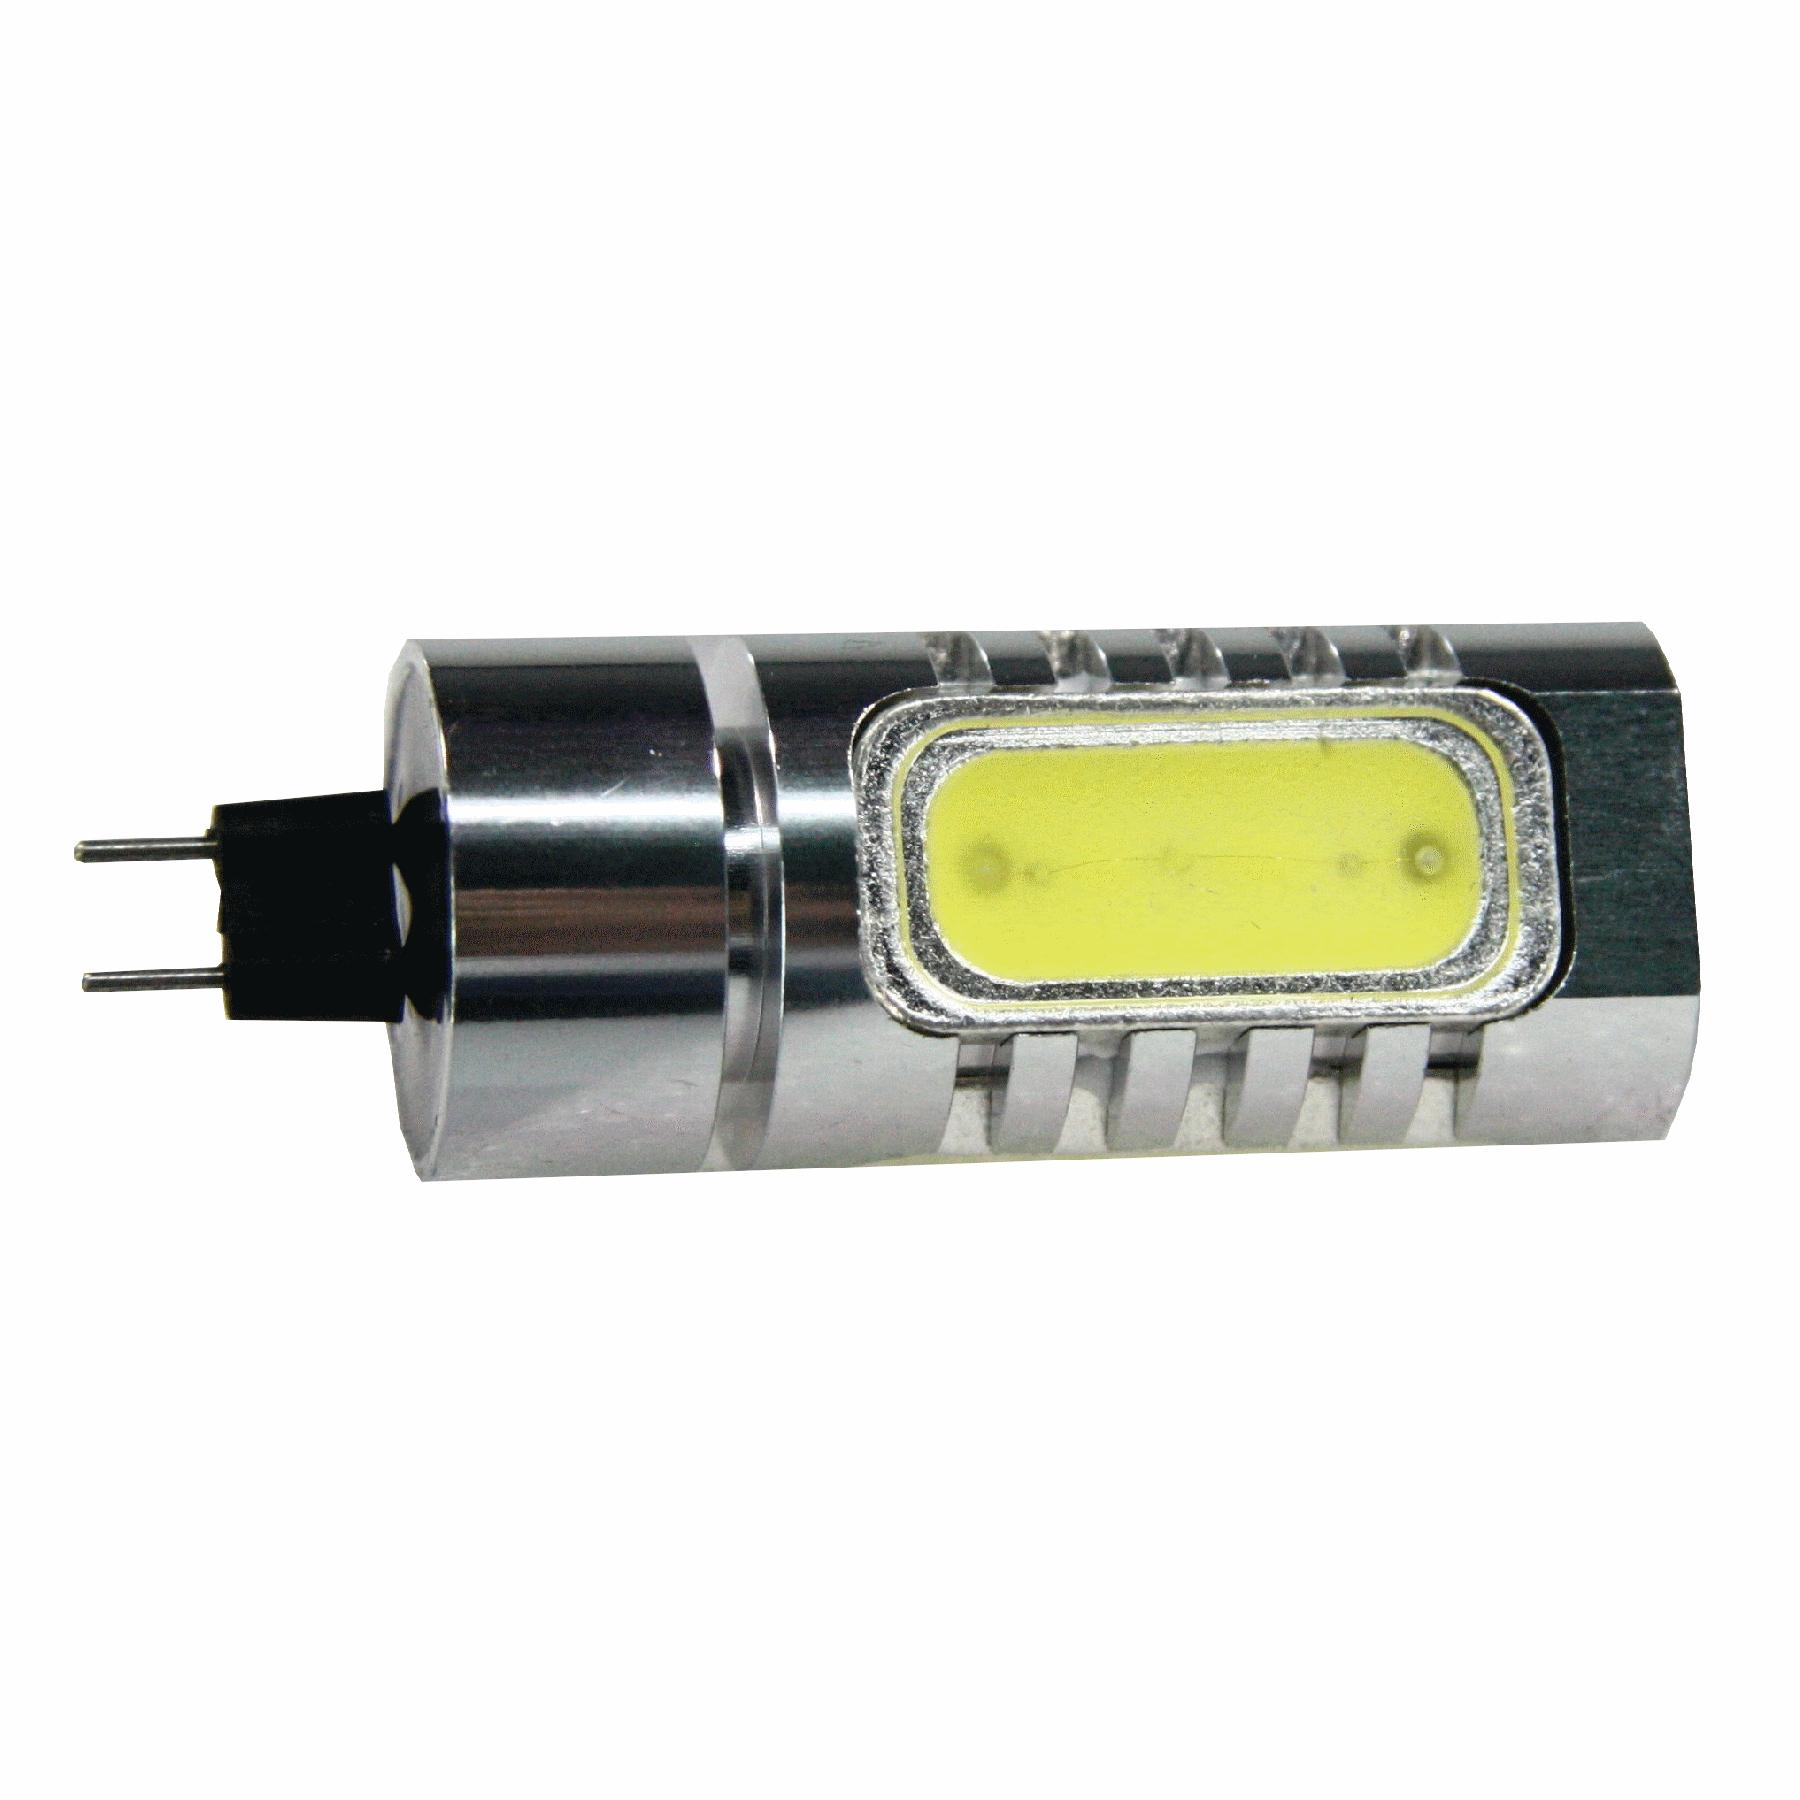 LED G4 High power 12V. 6 watt pin Wit